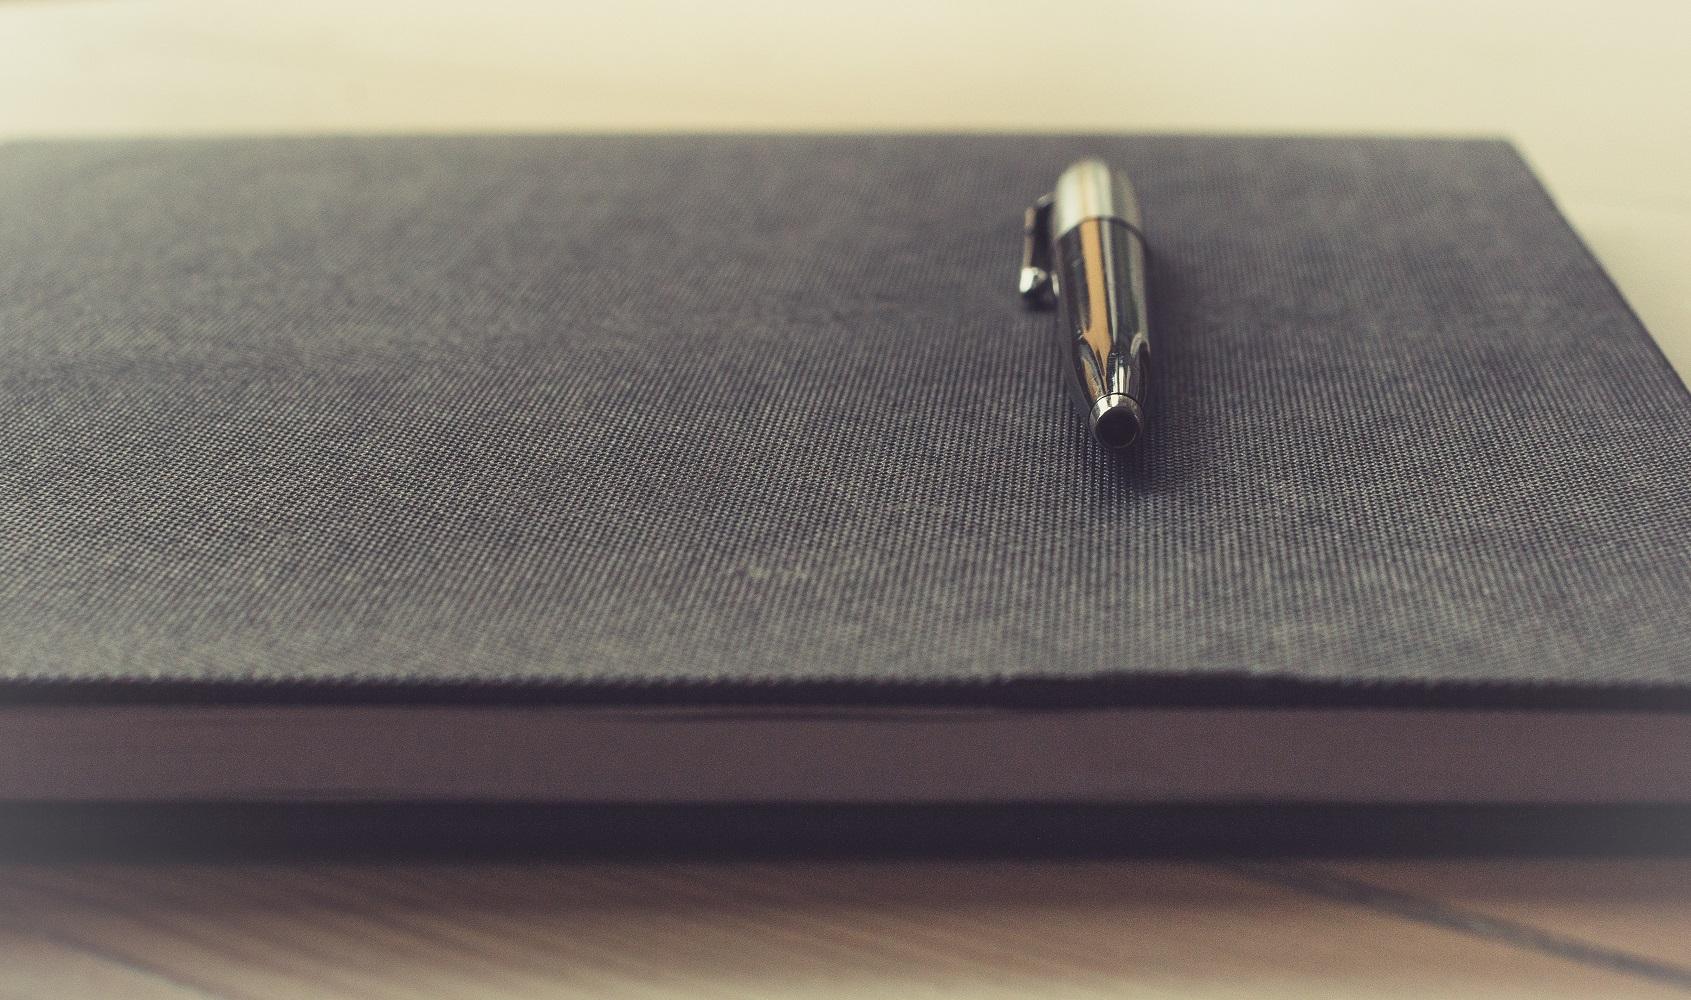 اصول خبرنویسی چیست؟